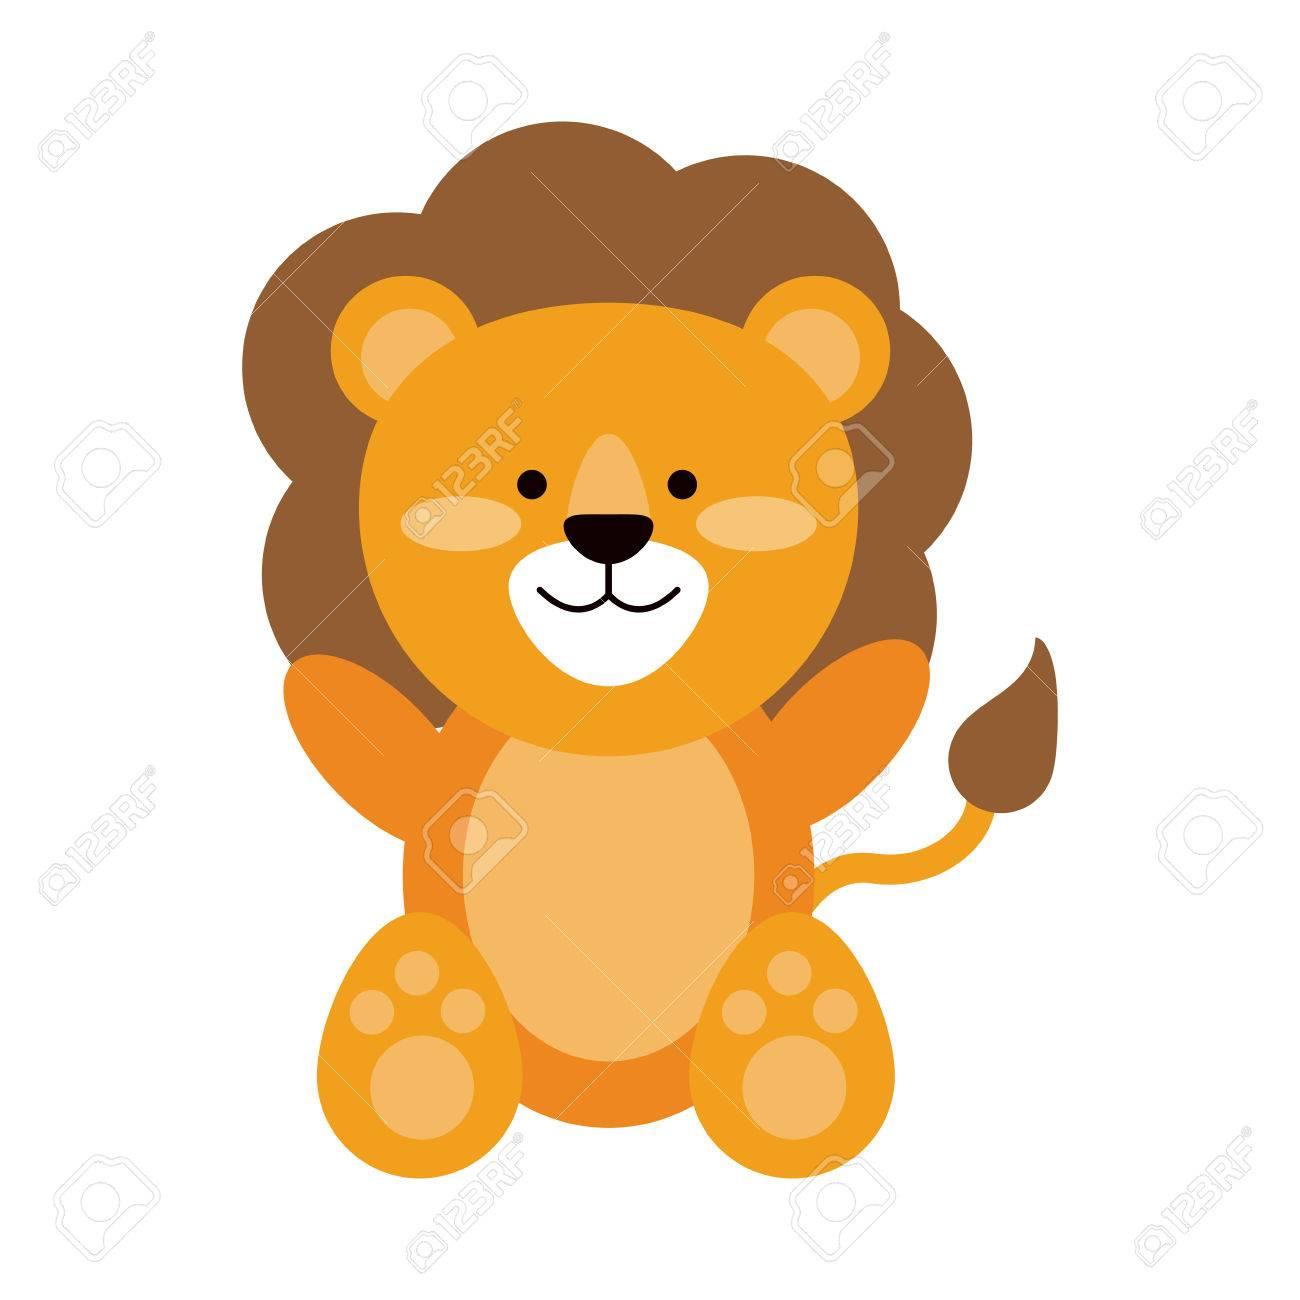 ライオンやぬいぐるみかわいい動物アイコン画像ベクトル イラスト デザイン